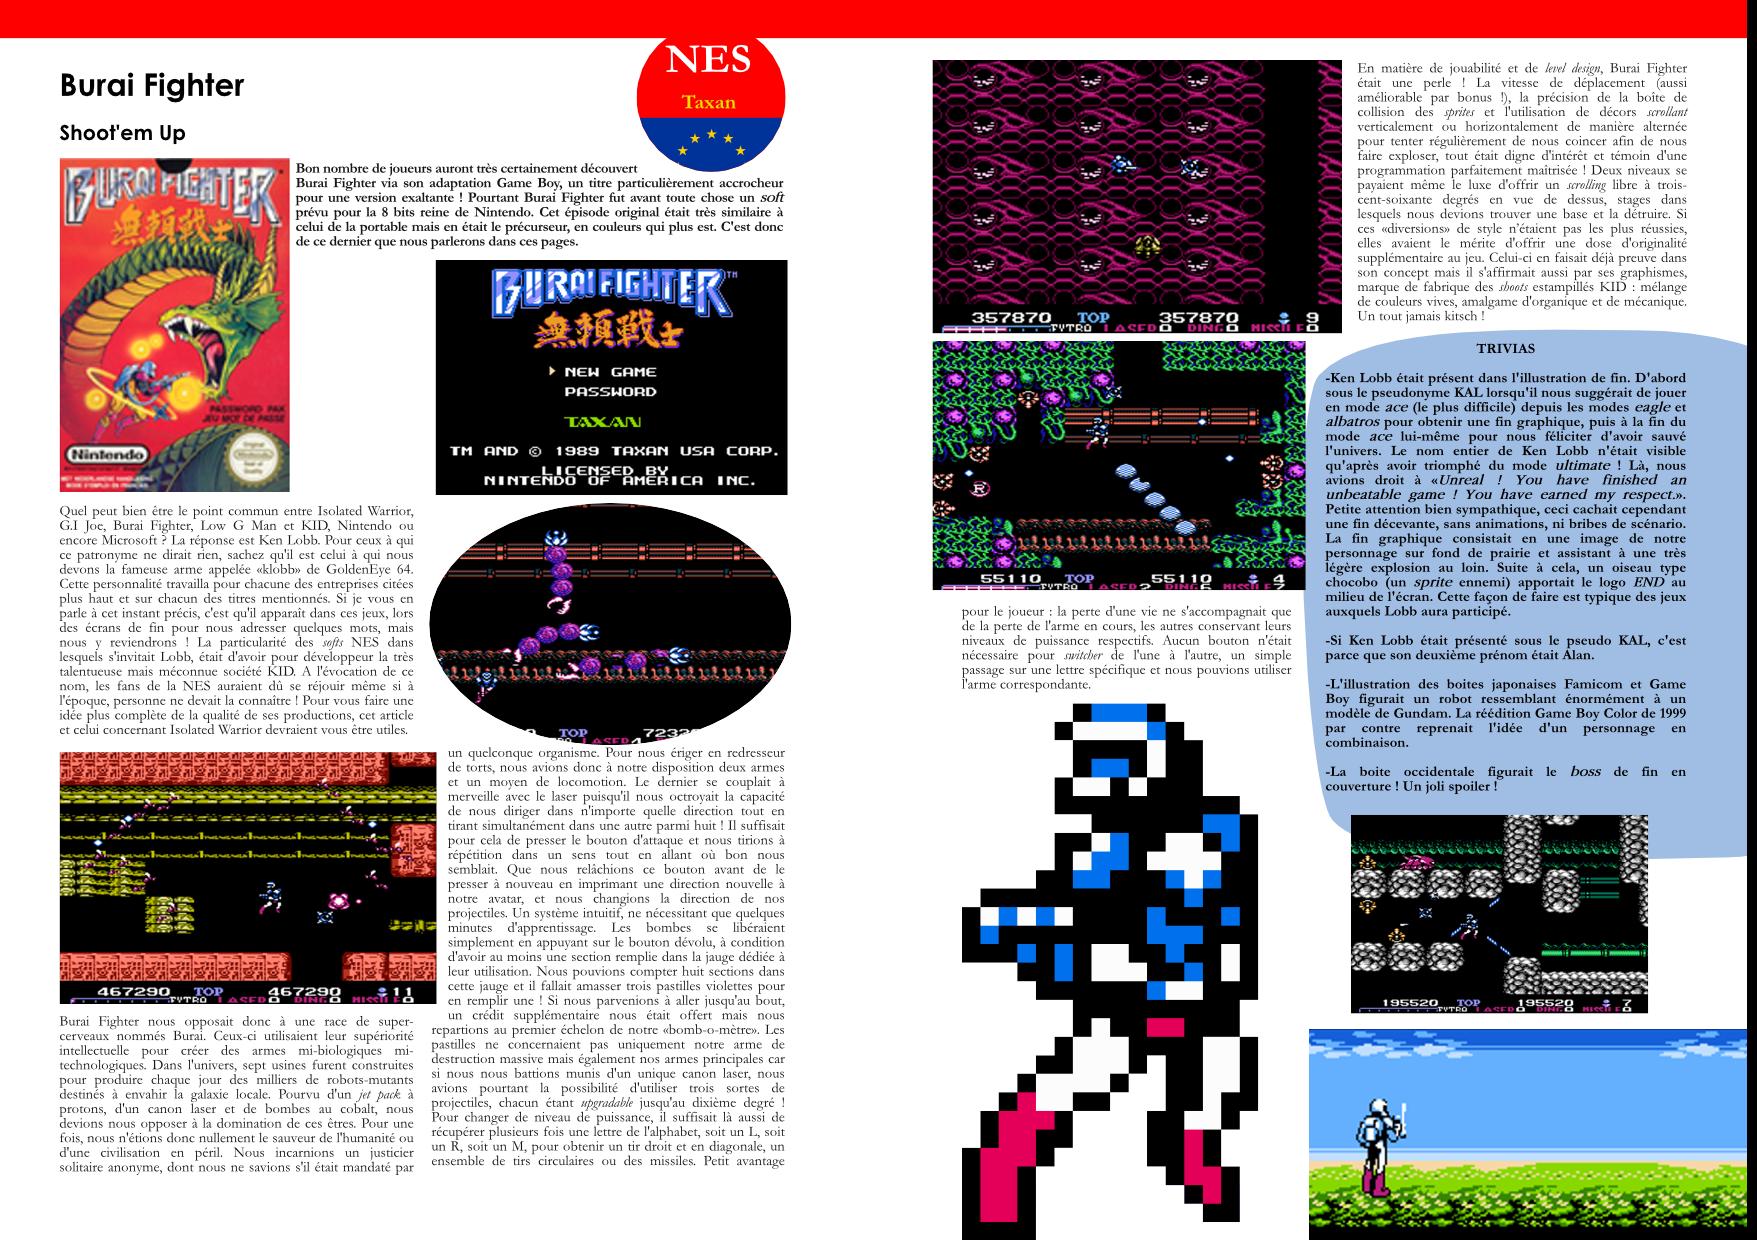 Flashback'90 extrait jeux consoles - Burai Fighter NES